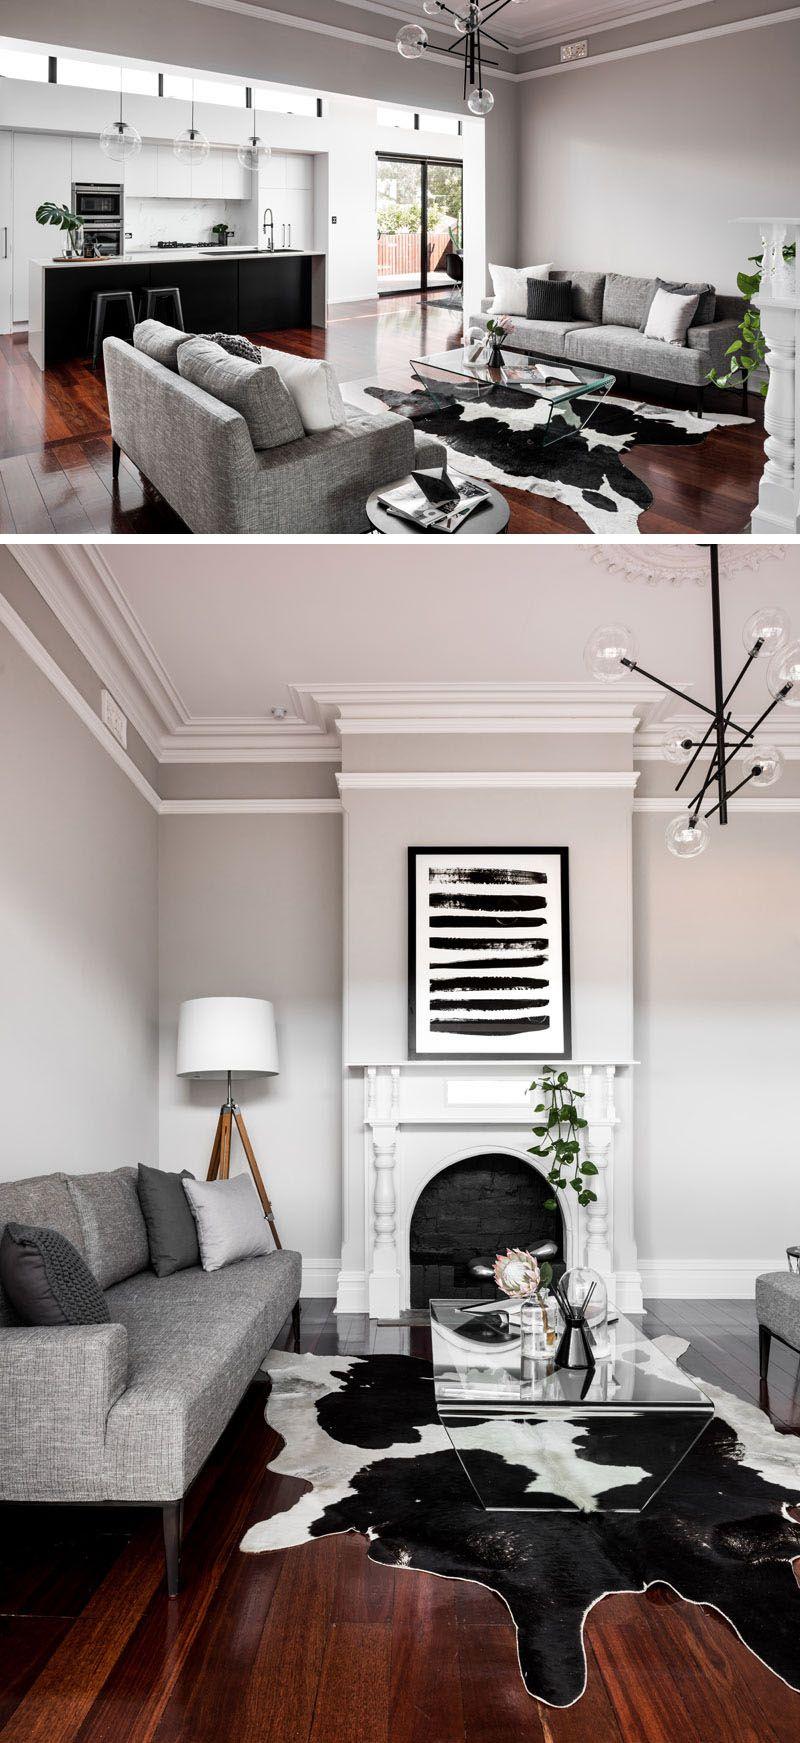 Medium Of Home Design Elements